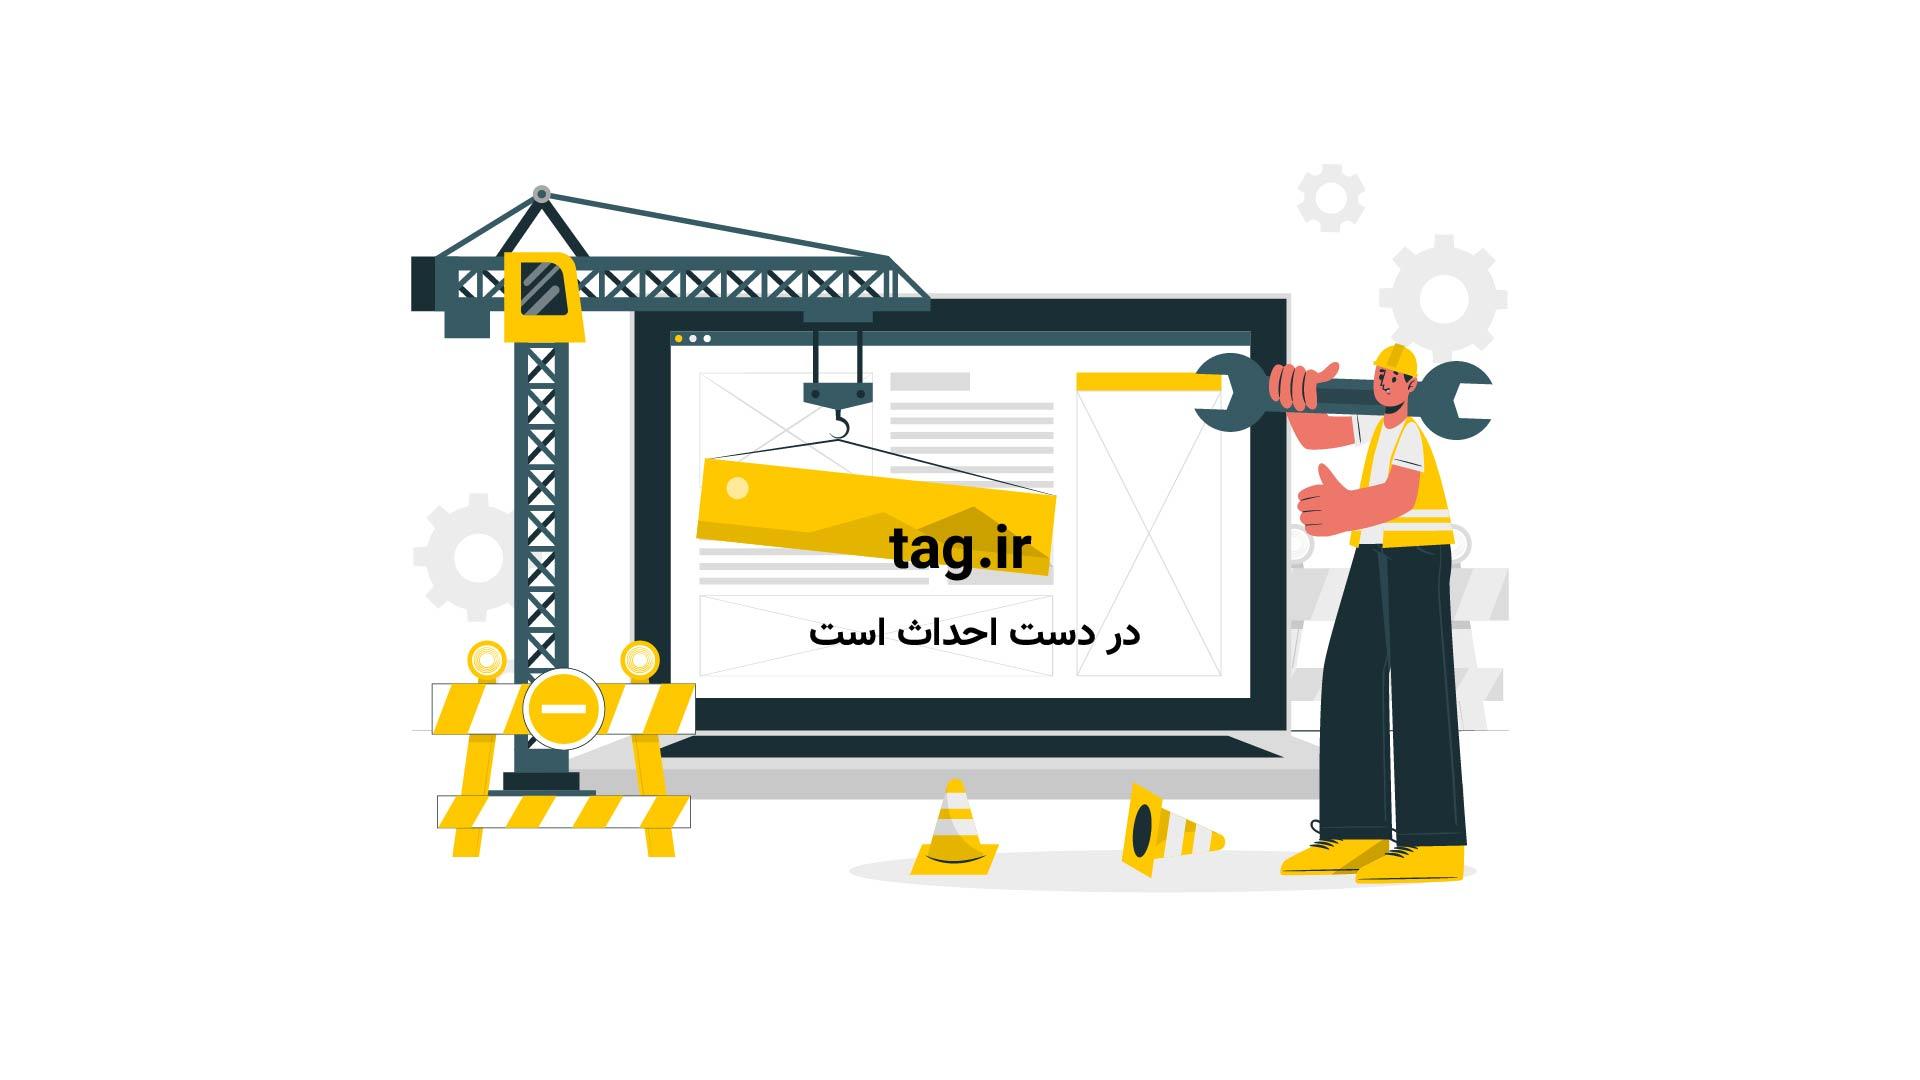 چراغ ابری | تگ